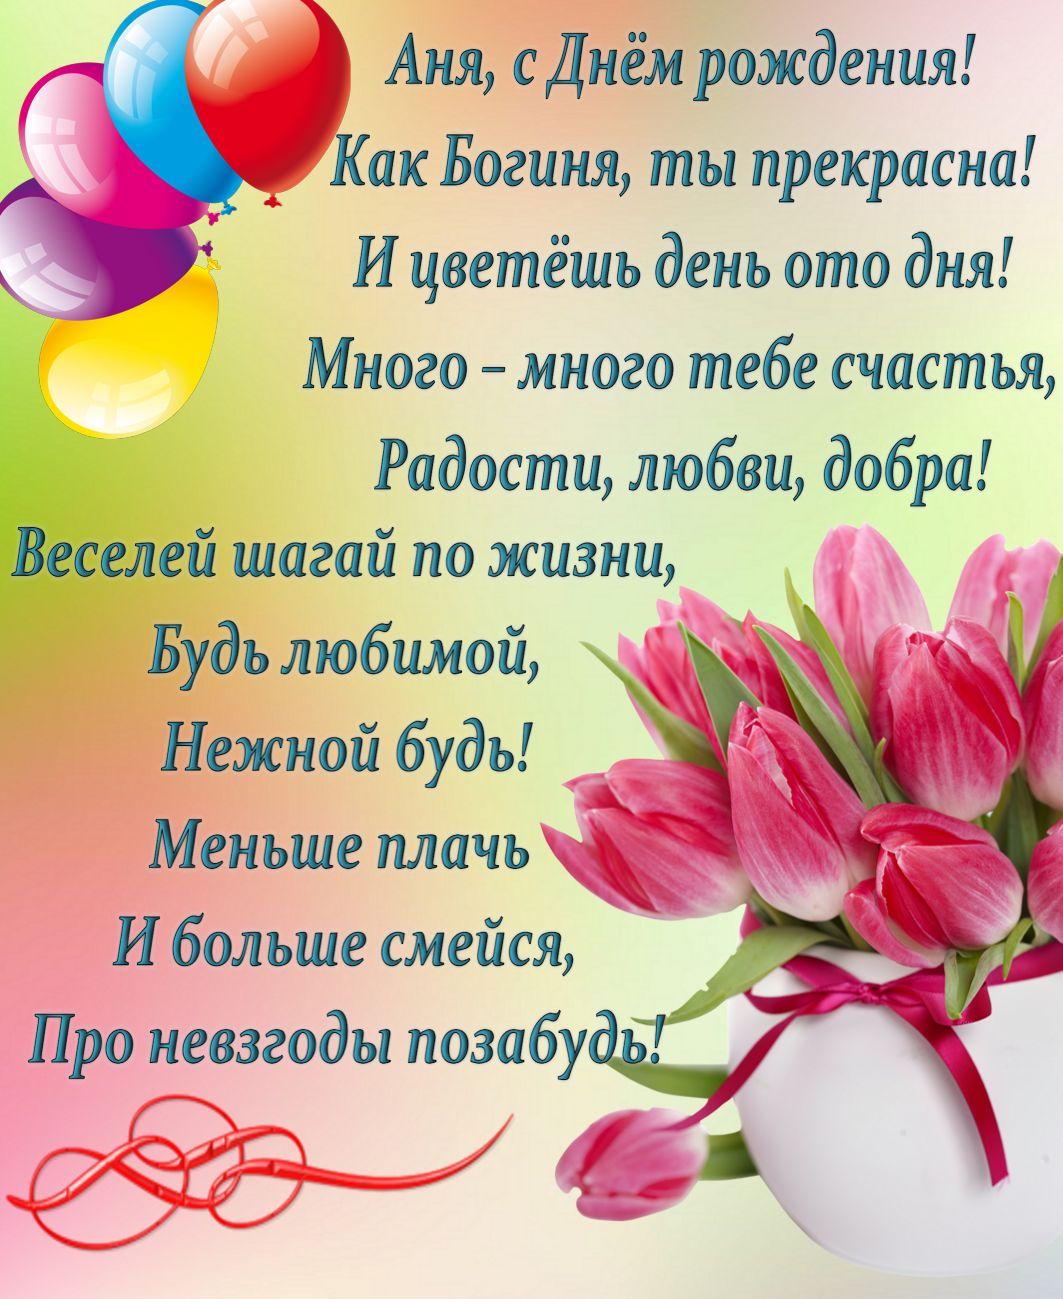 Красивое пожелание с цветами и шариками